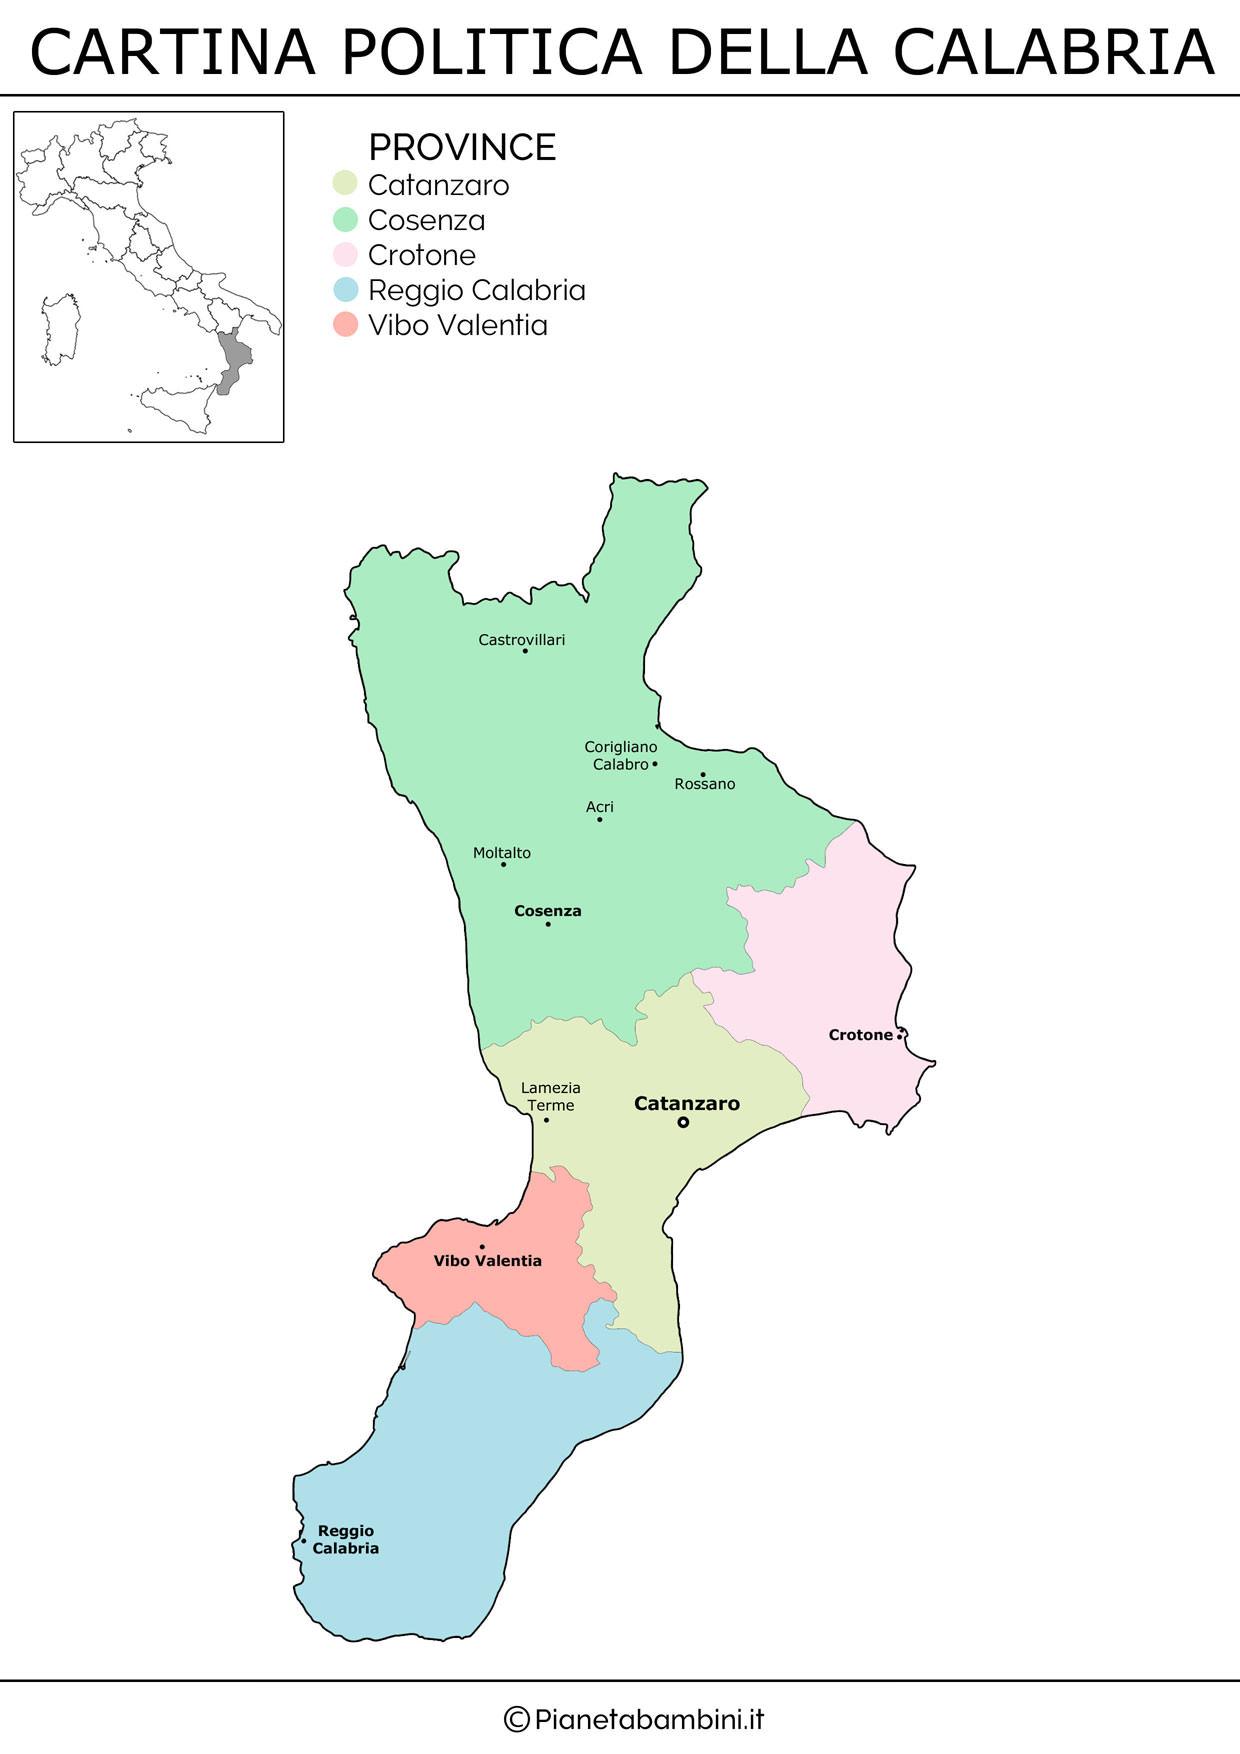 Cartina politica della Calabria da stampare gratis